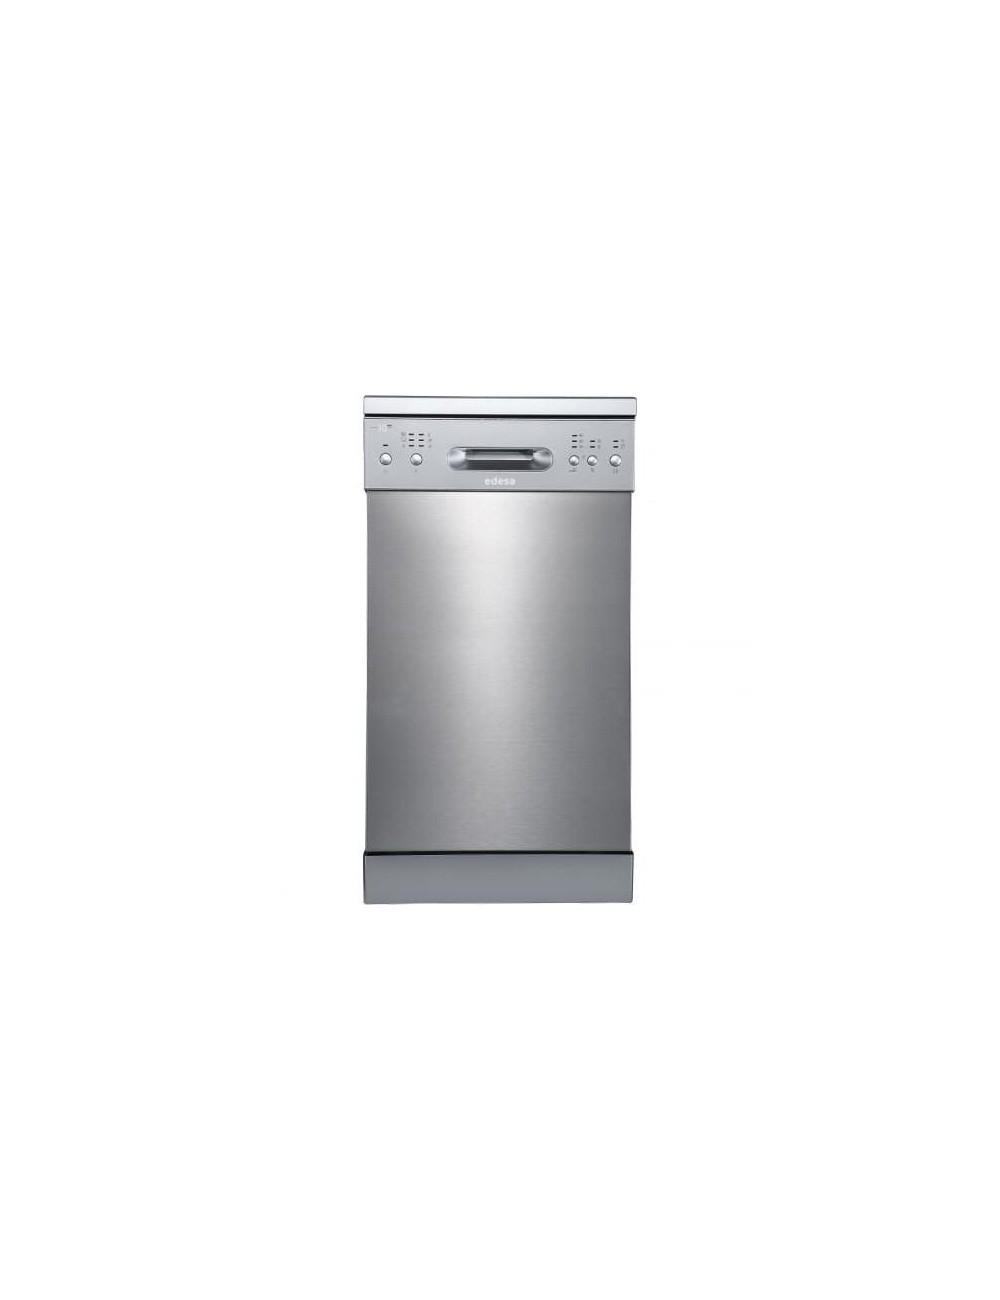 Lavavajillas 45cm Edesa EDW4610 X Inox 10 servicios Clase E